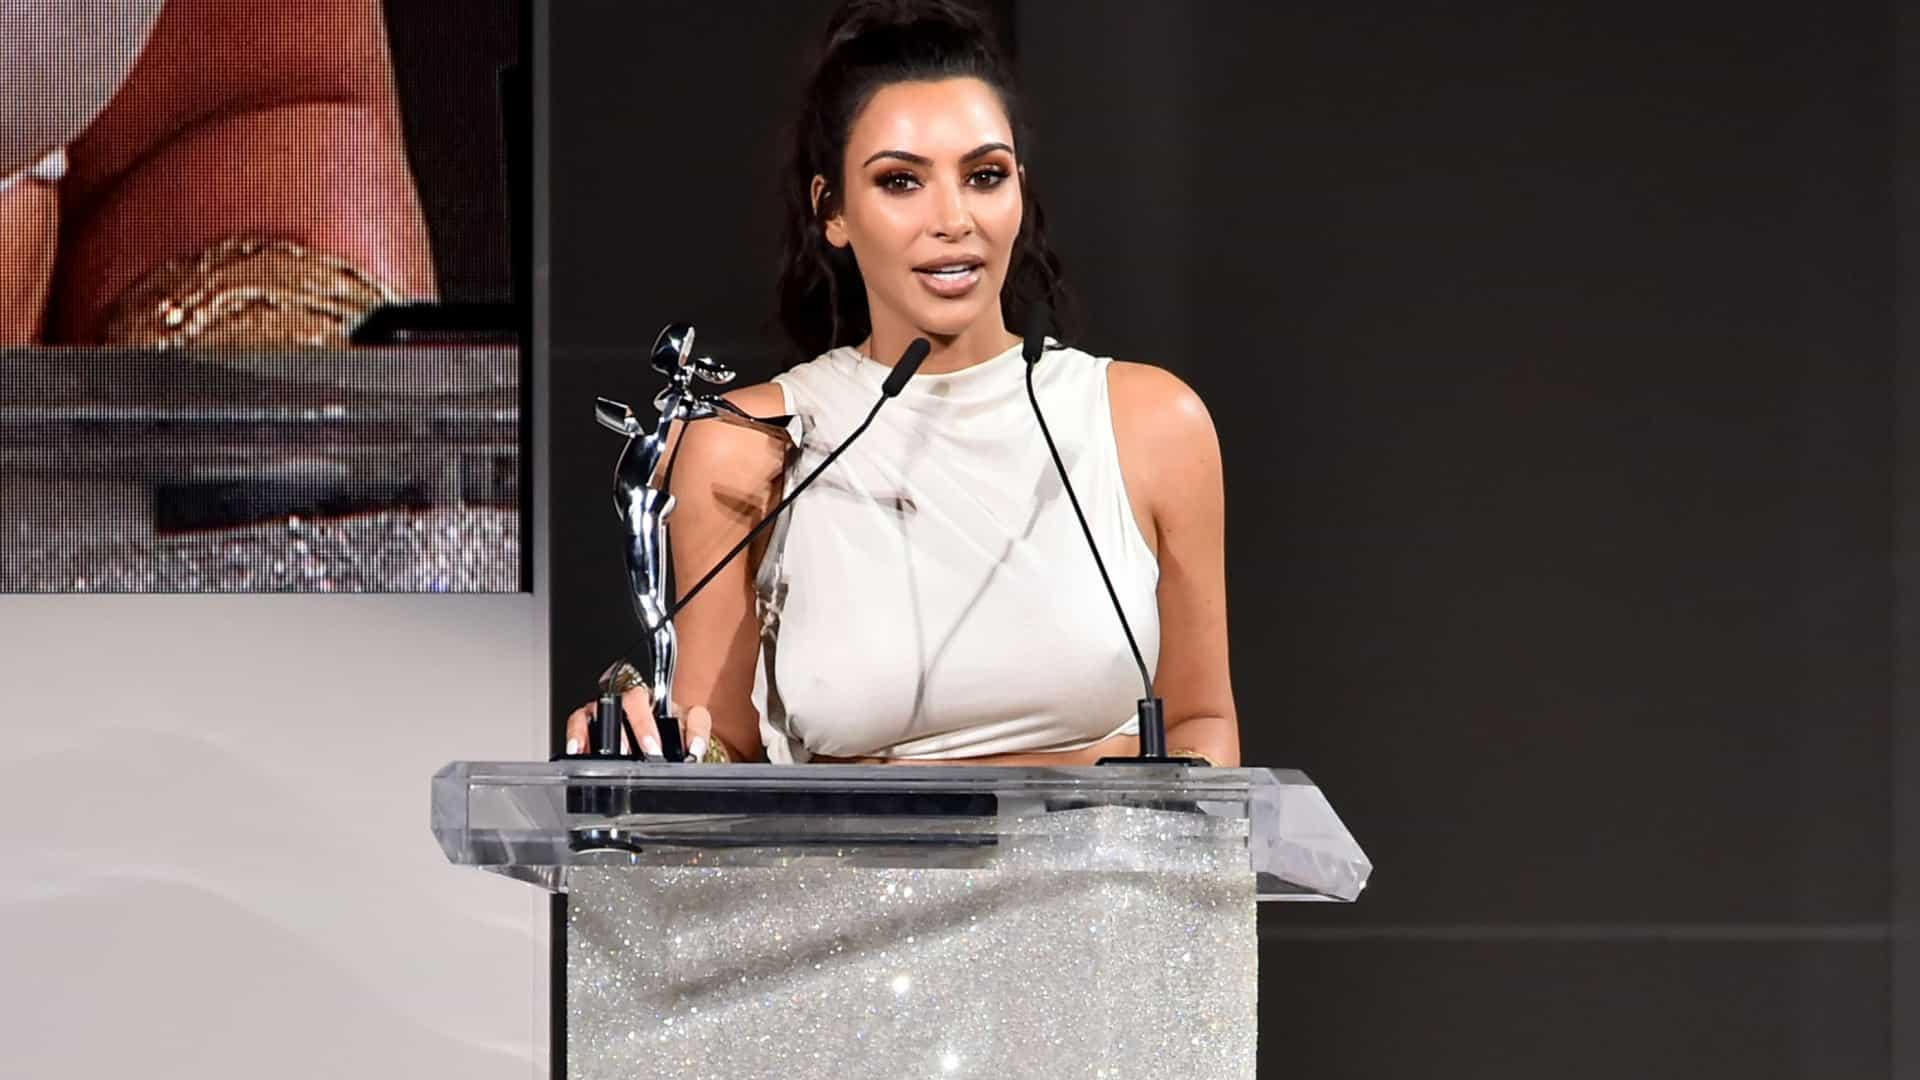 O comentário irónico (e inesperado) de Kim quando recebeu prémio de moda